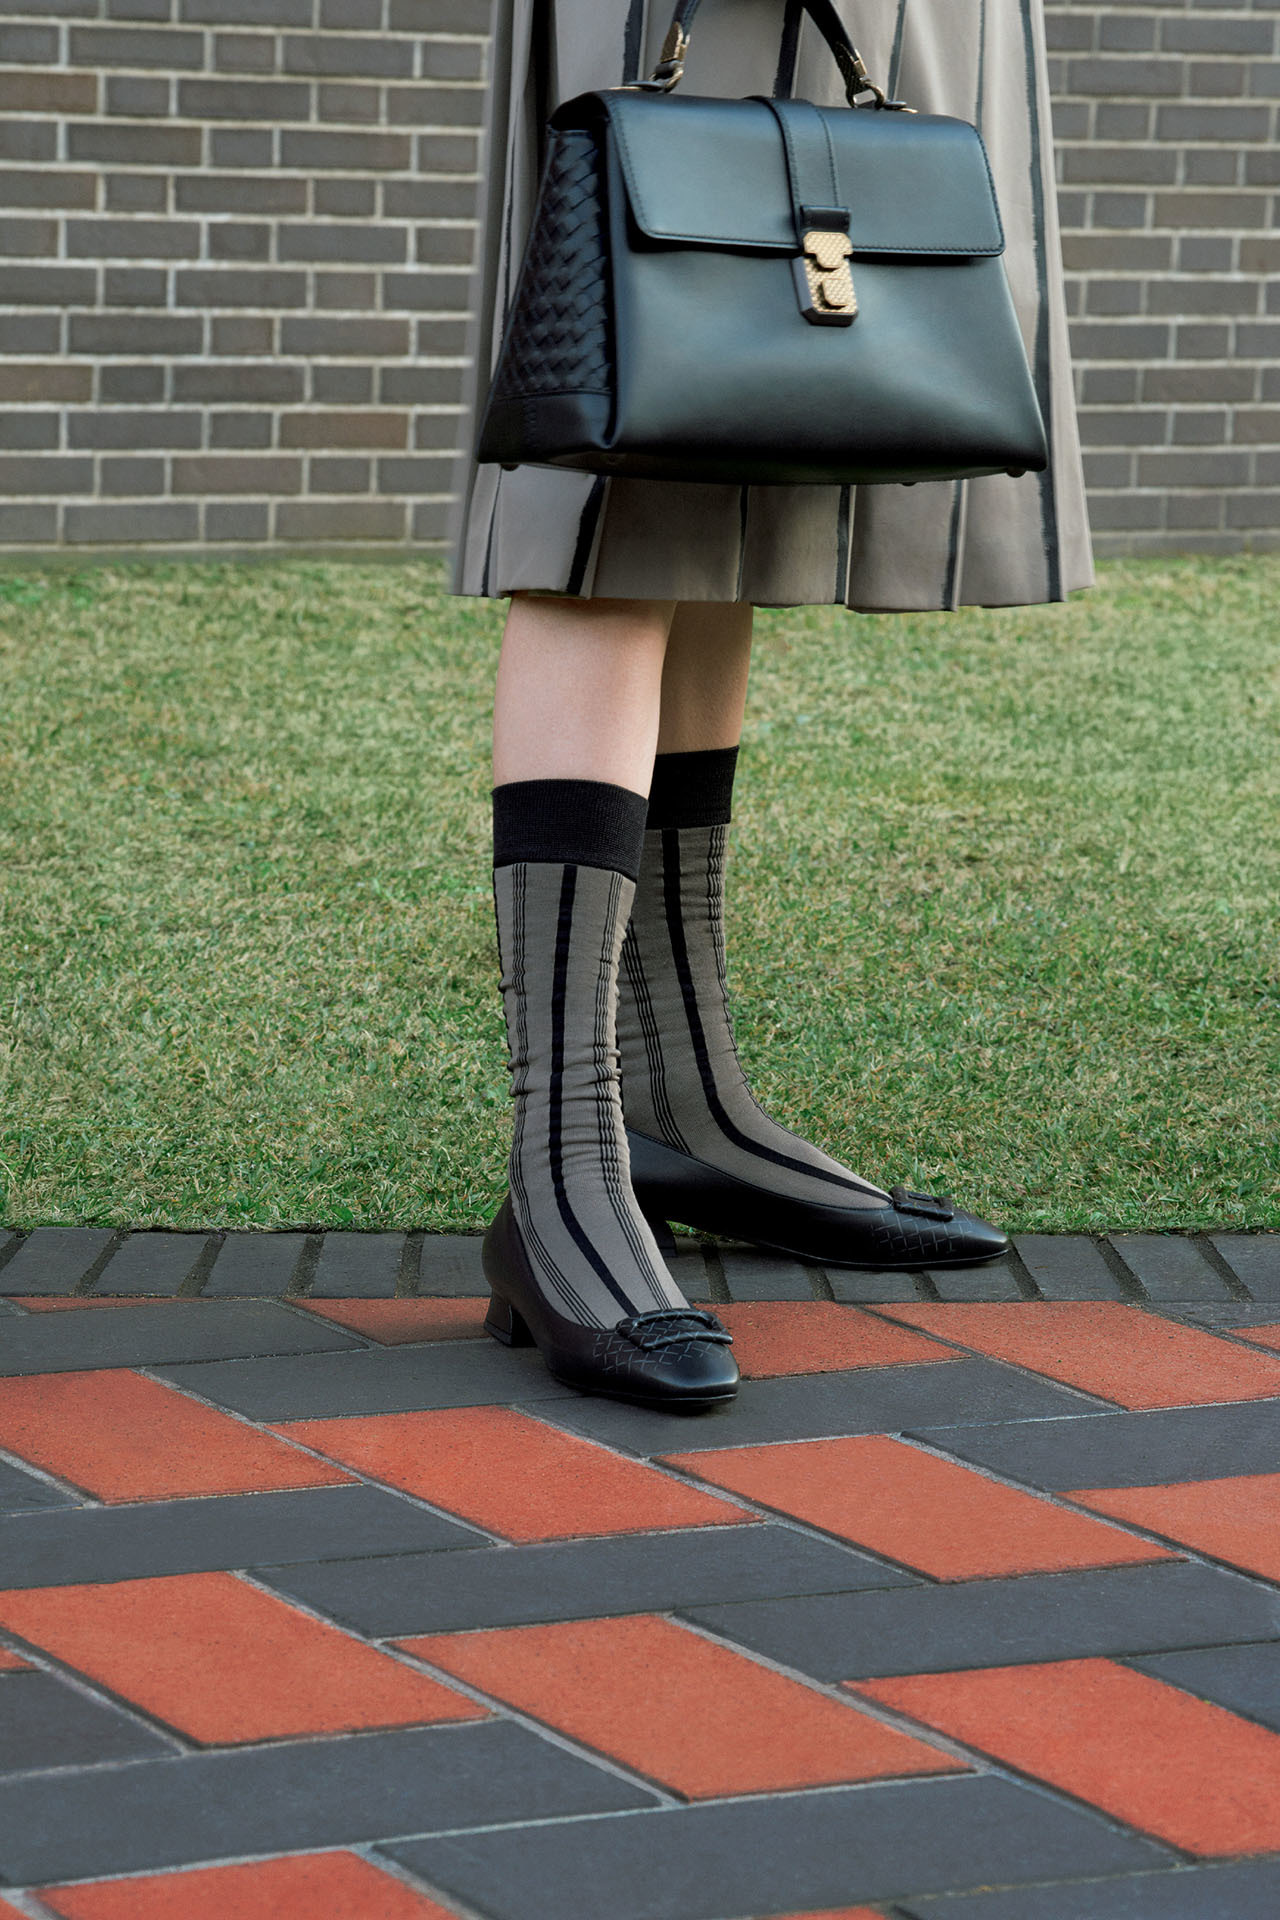 Jマダムの足元は、いつだって「ヒールがなくても素敵な靴」 五選_1_1-3